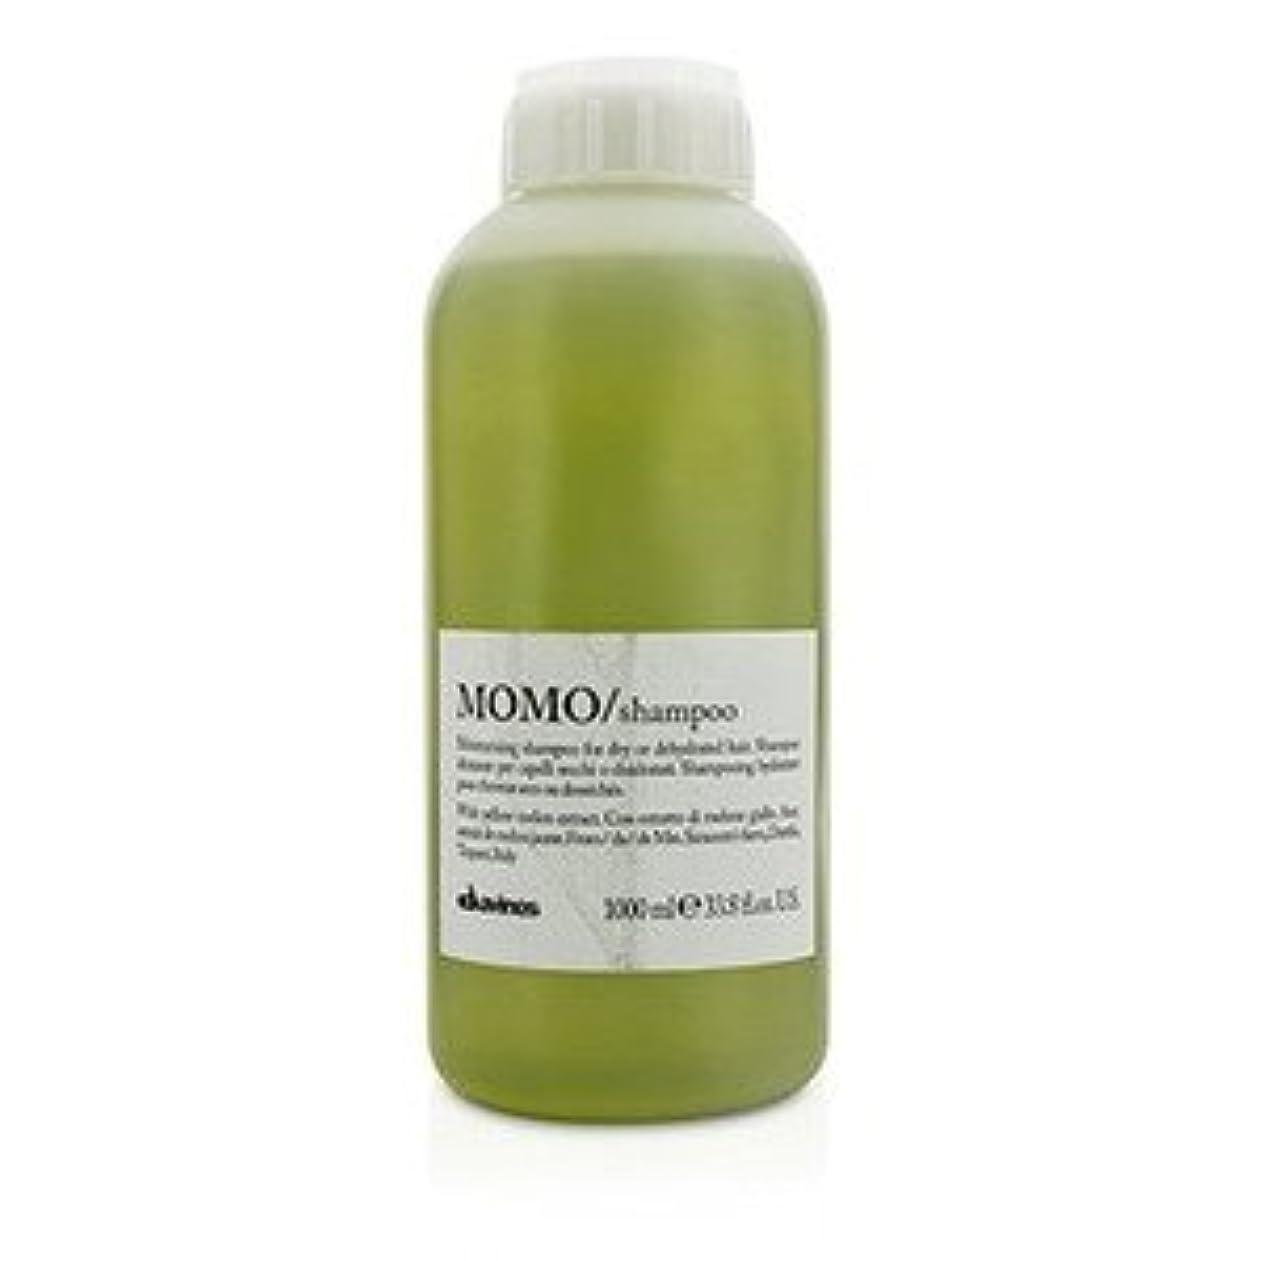 確立ジャズ折davines(ダヴィネス) モモ モイスチャライジング シャンプー(For Dry or Dehydrated Hair) 1000ml/33.8oz [並行輸入品]